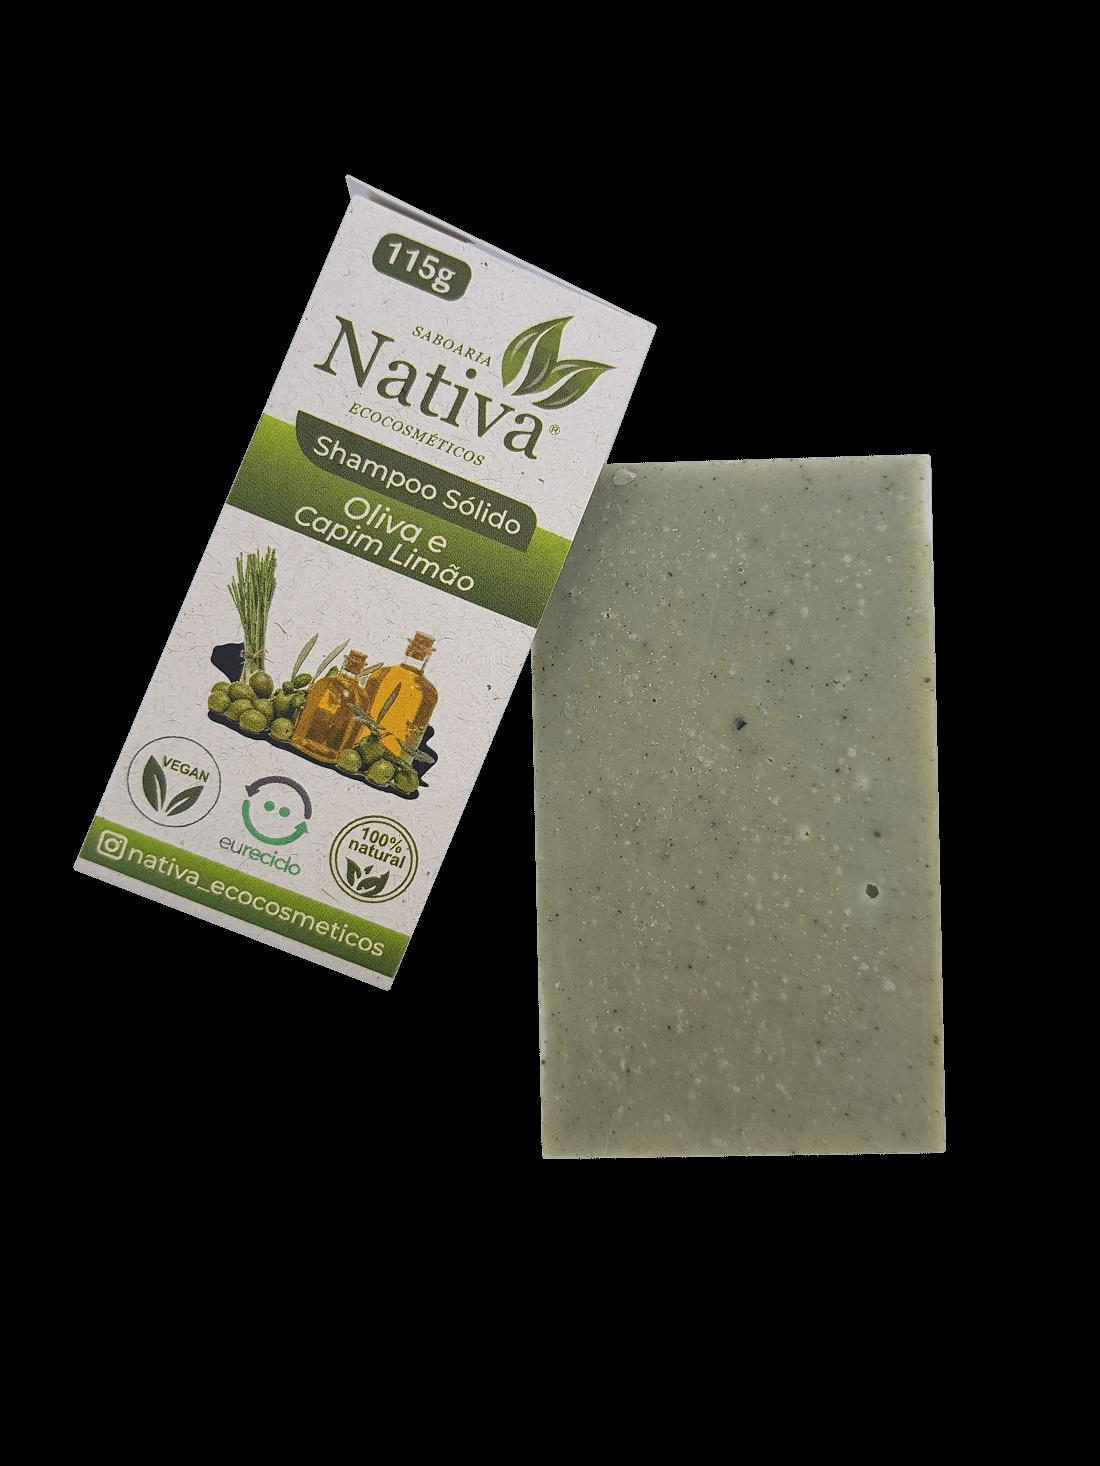 Shampoo Sólido - Oliva e Capim limão  - Saboaria Nativa Ecocosméticos